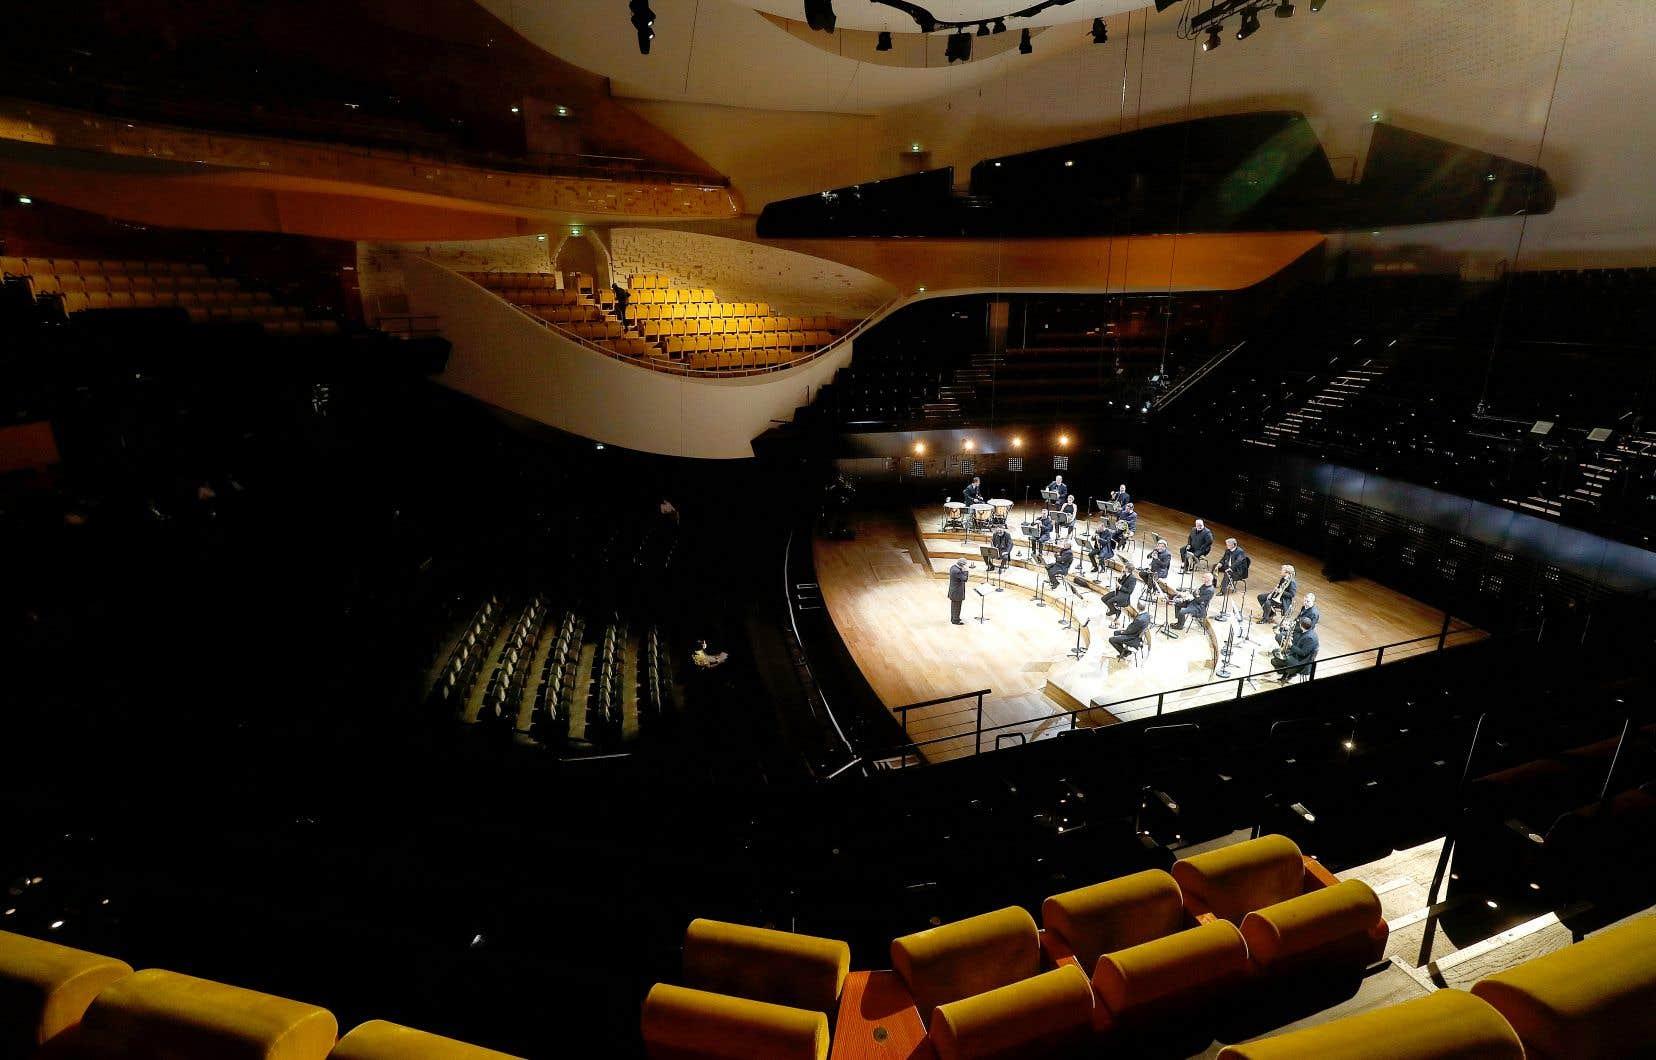 Le grand retour de l'Orchestre de Paris annoncé à la Philharmonie de Paris, le 27mai, s'est soldé par la vision de quelques musiciens perdus sur scène jouant «Siegfried-Idyll» de Wagner en version de chambre.